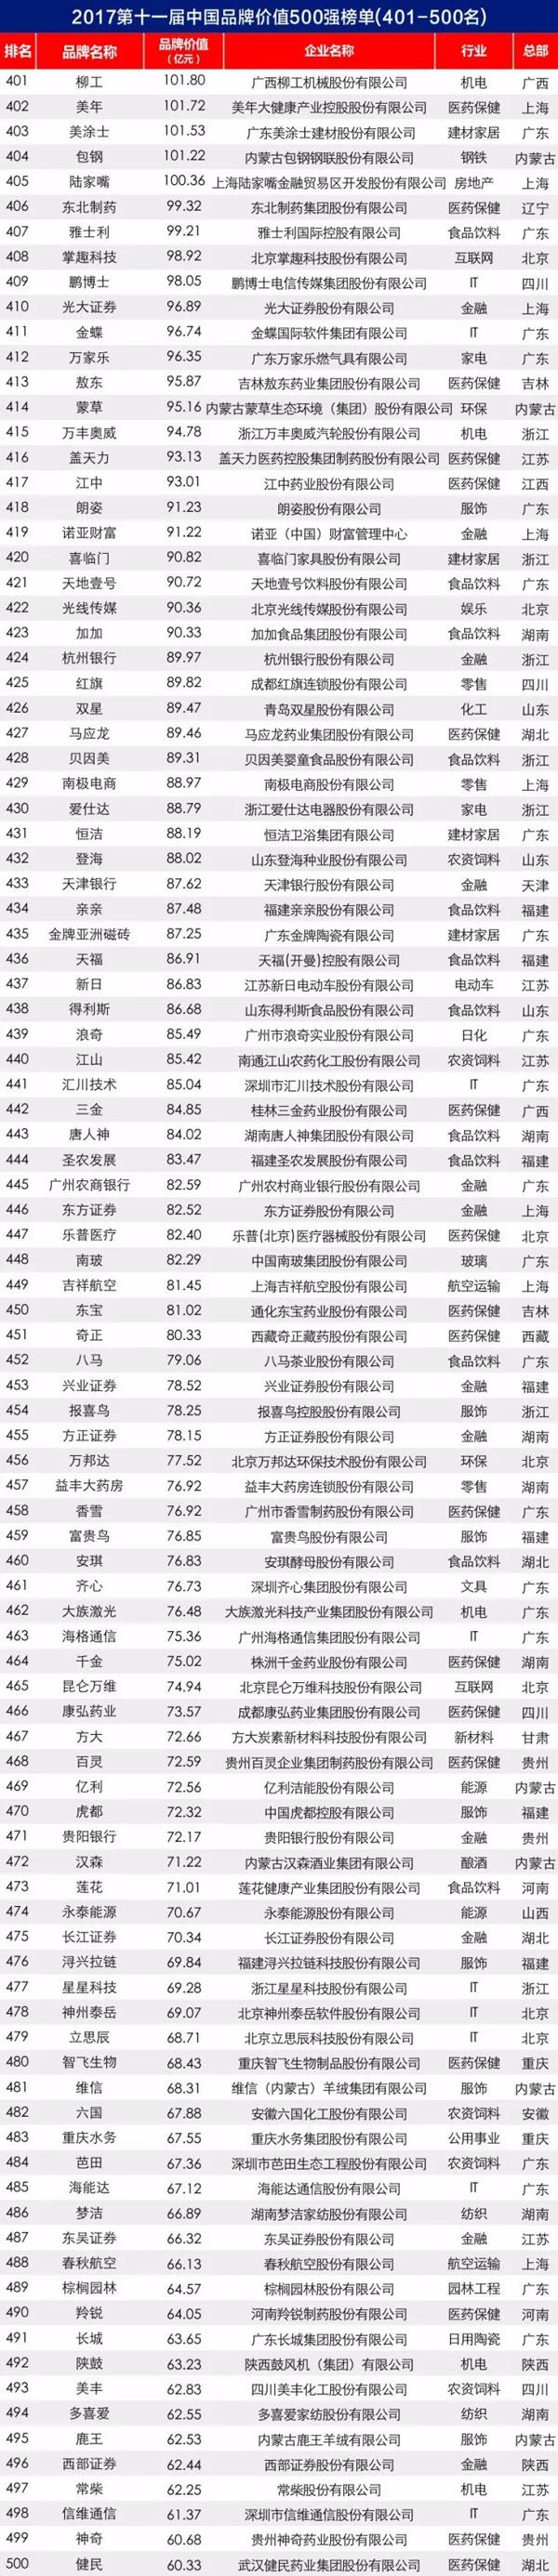 2017第十一届中国品牌价值 500 强榜单揭晓